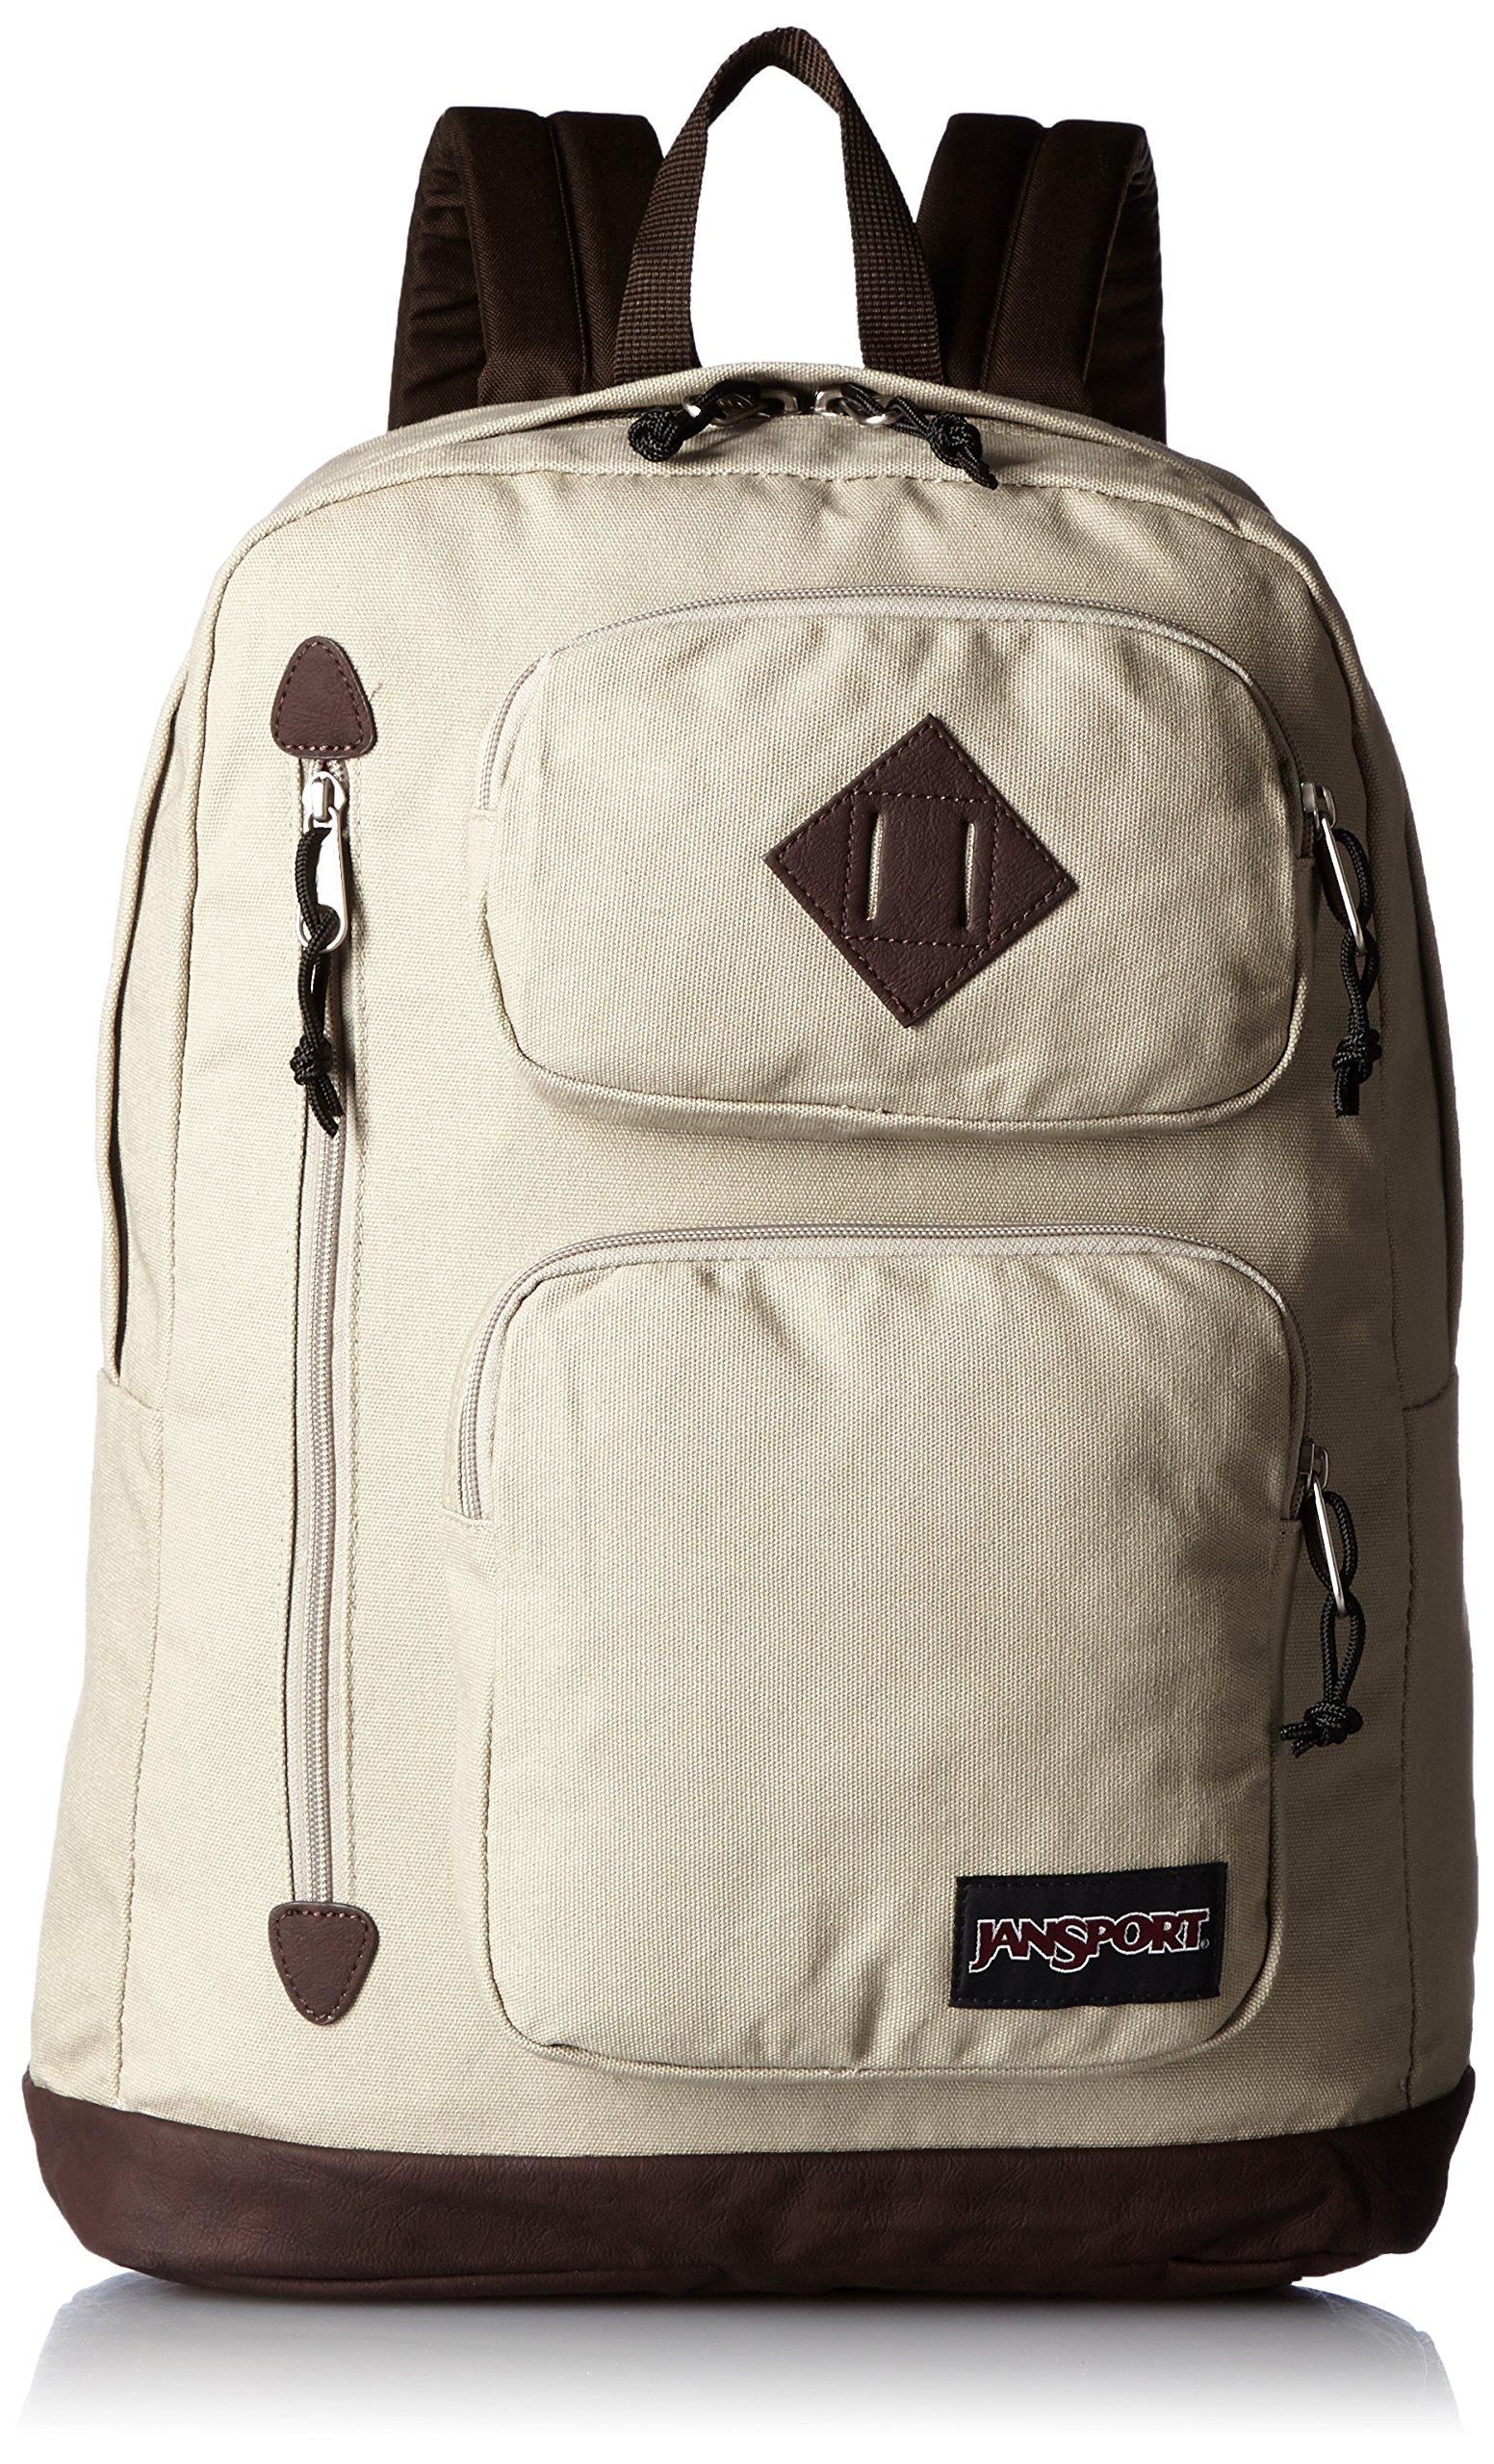 JanSport Houston Urban Backpack - Desert Beige